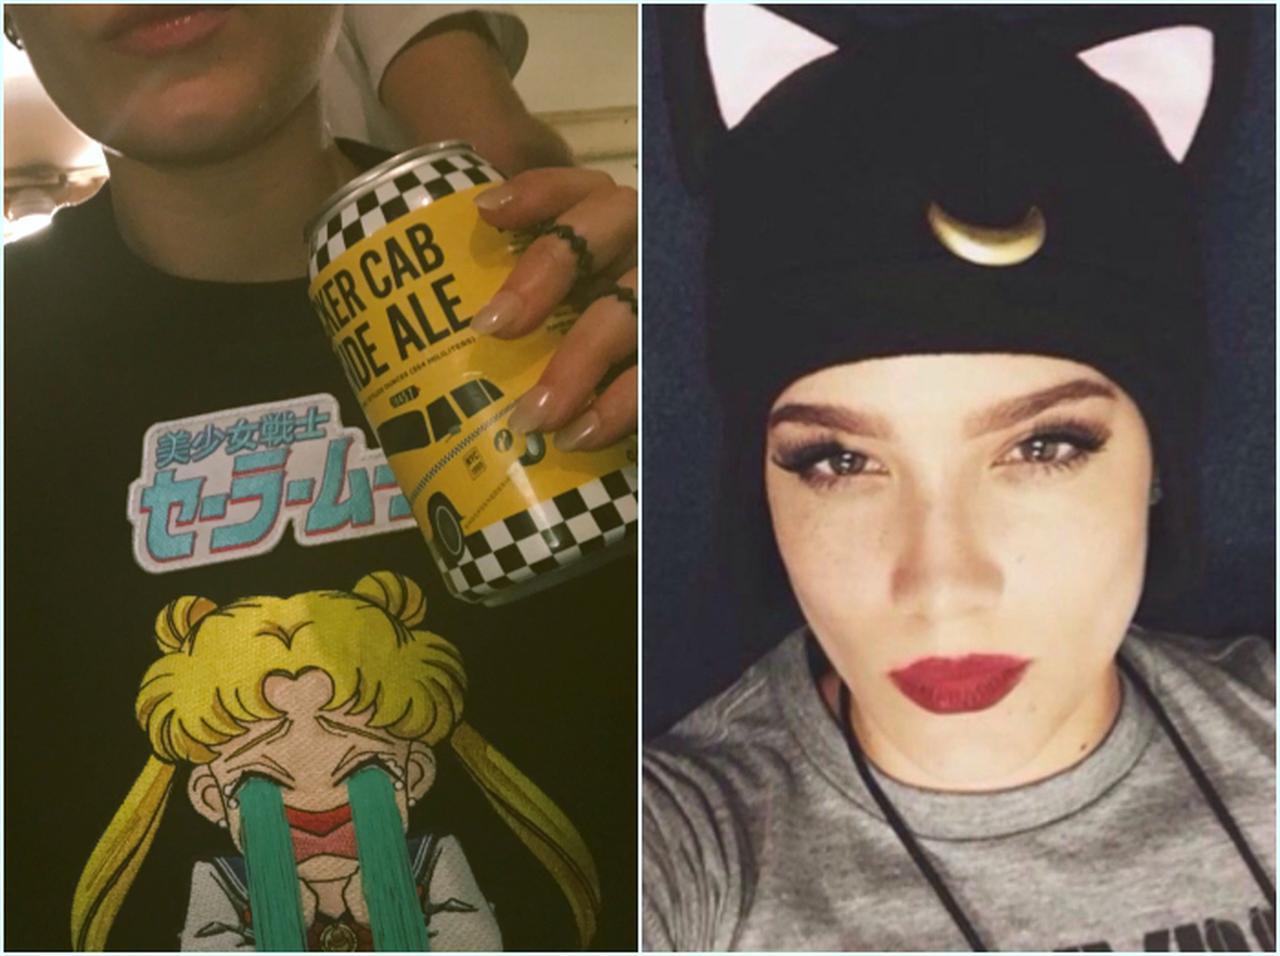 画像: 左:主人公の月野うさぎの泣き顔が刺繍されたスウェットを着用。右:うさぎの相棒猫「ルナ」の形のニット帽をかぶって。©Halsey/ Twitter